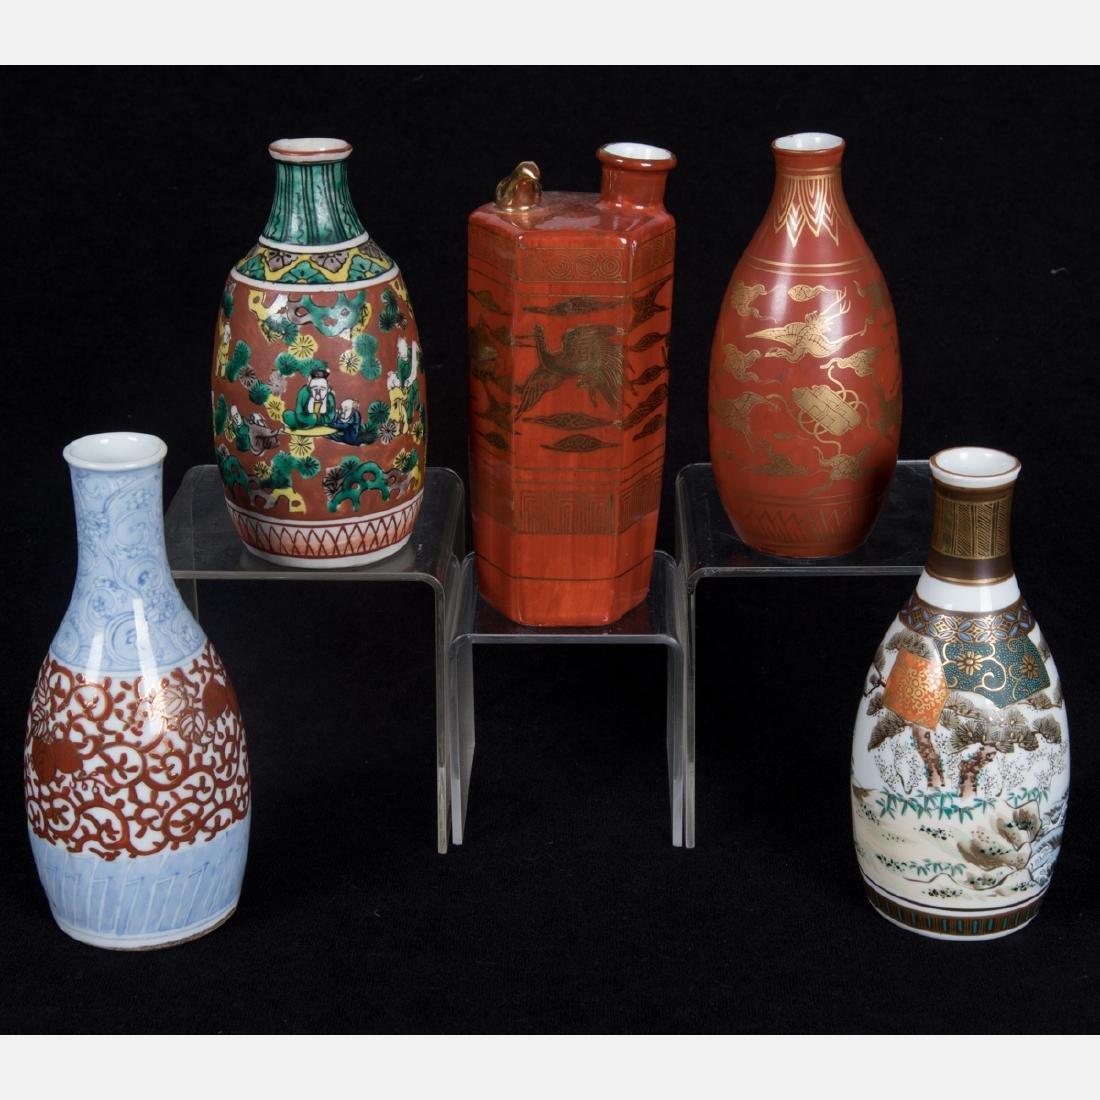 A Group of Five Japanese Porcelain Sake Bottles of